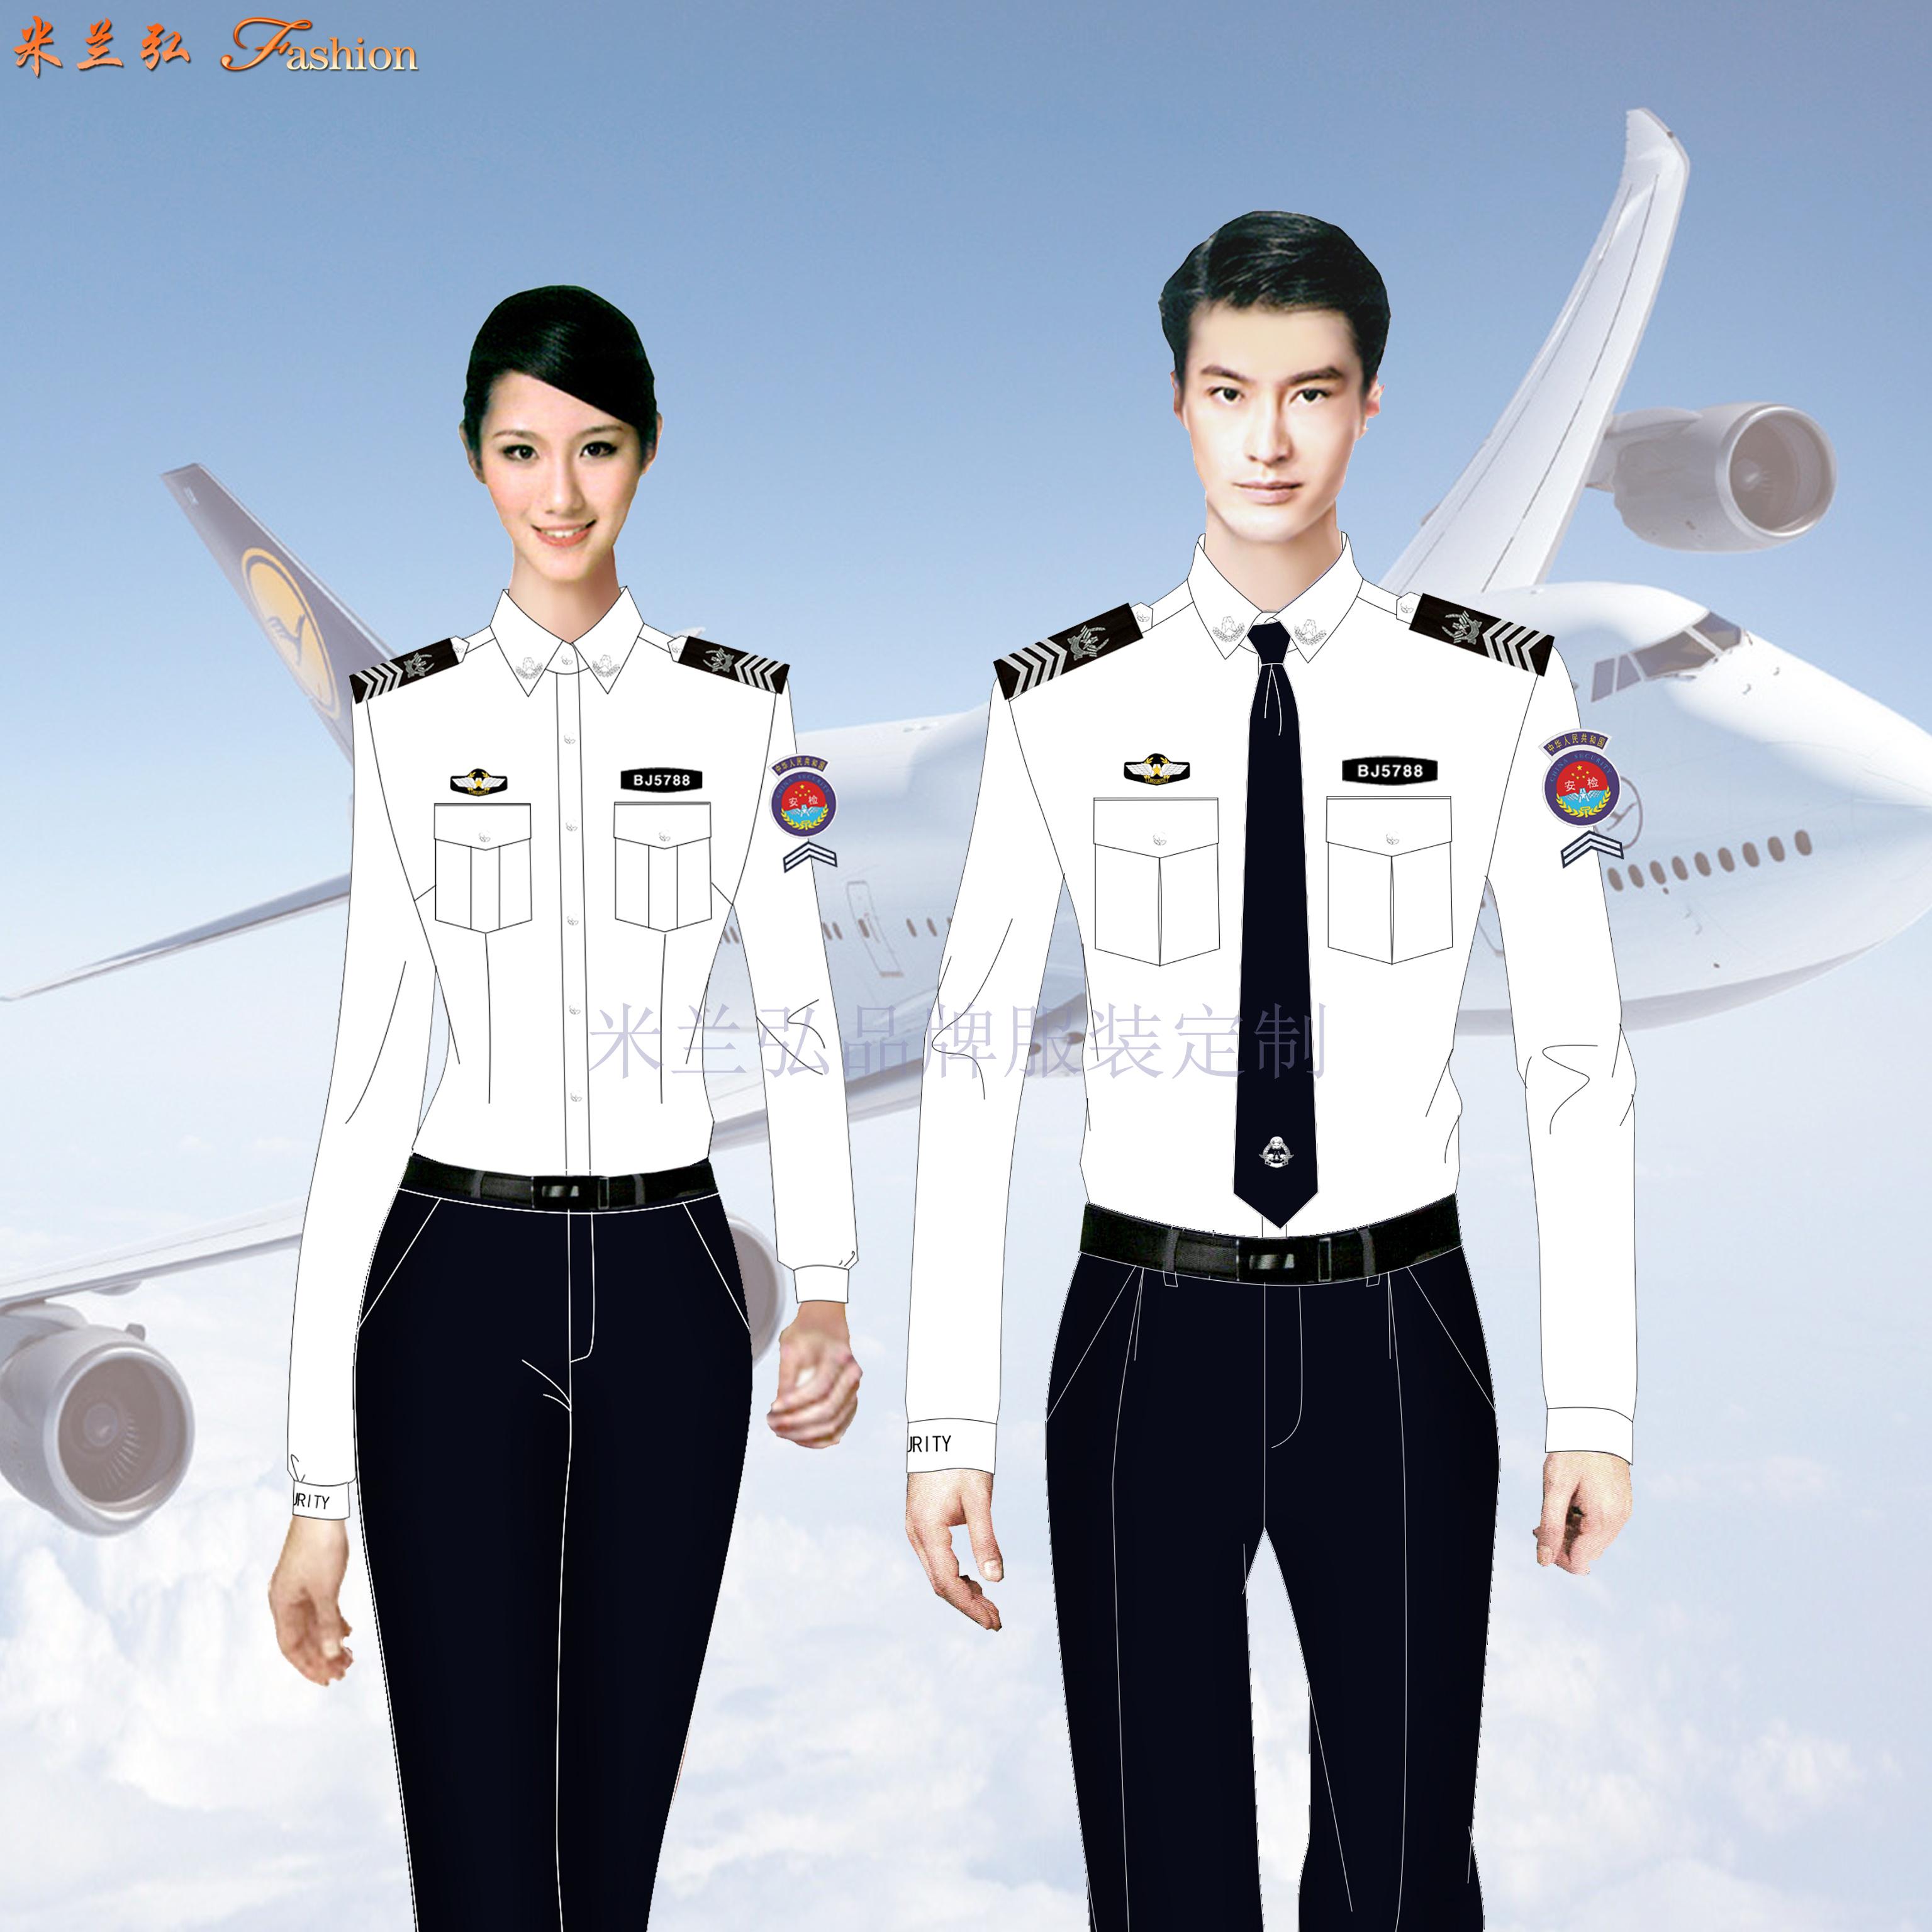 「安檢服定制」「機場安檢服定做」「航空安檢服訂制」-4